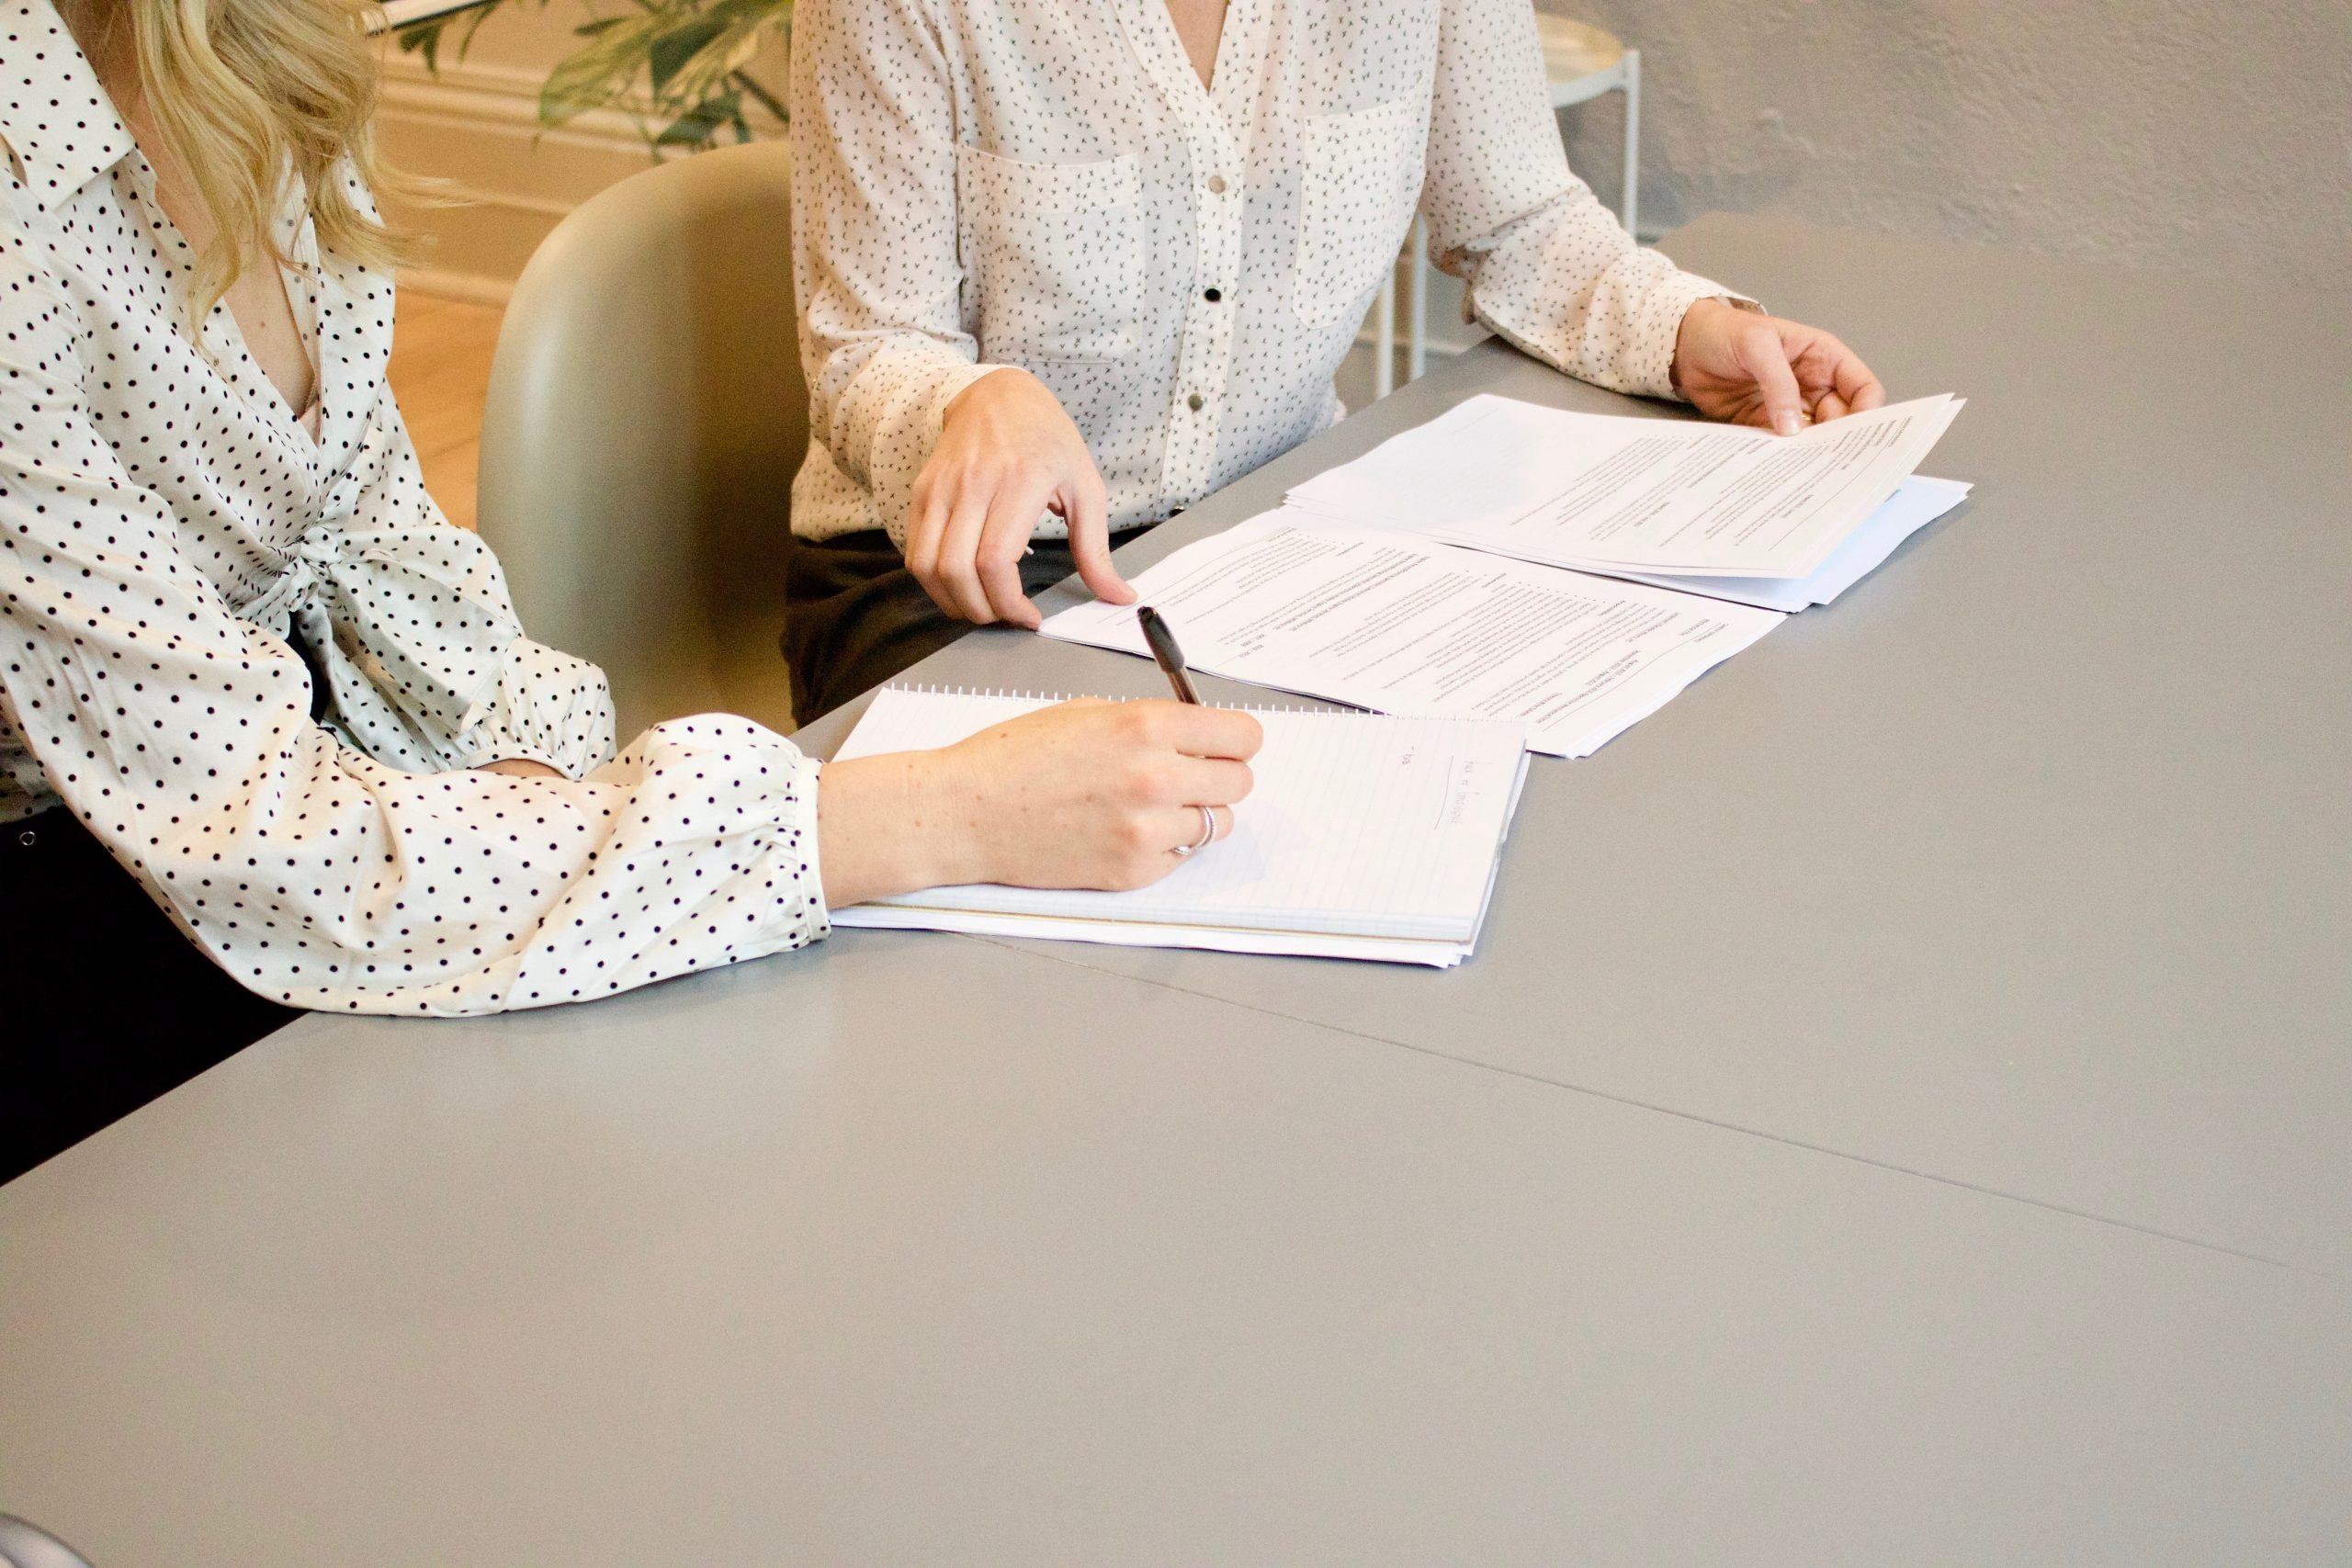 HR Training Consultant